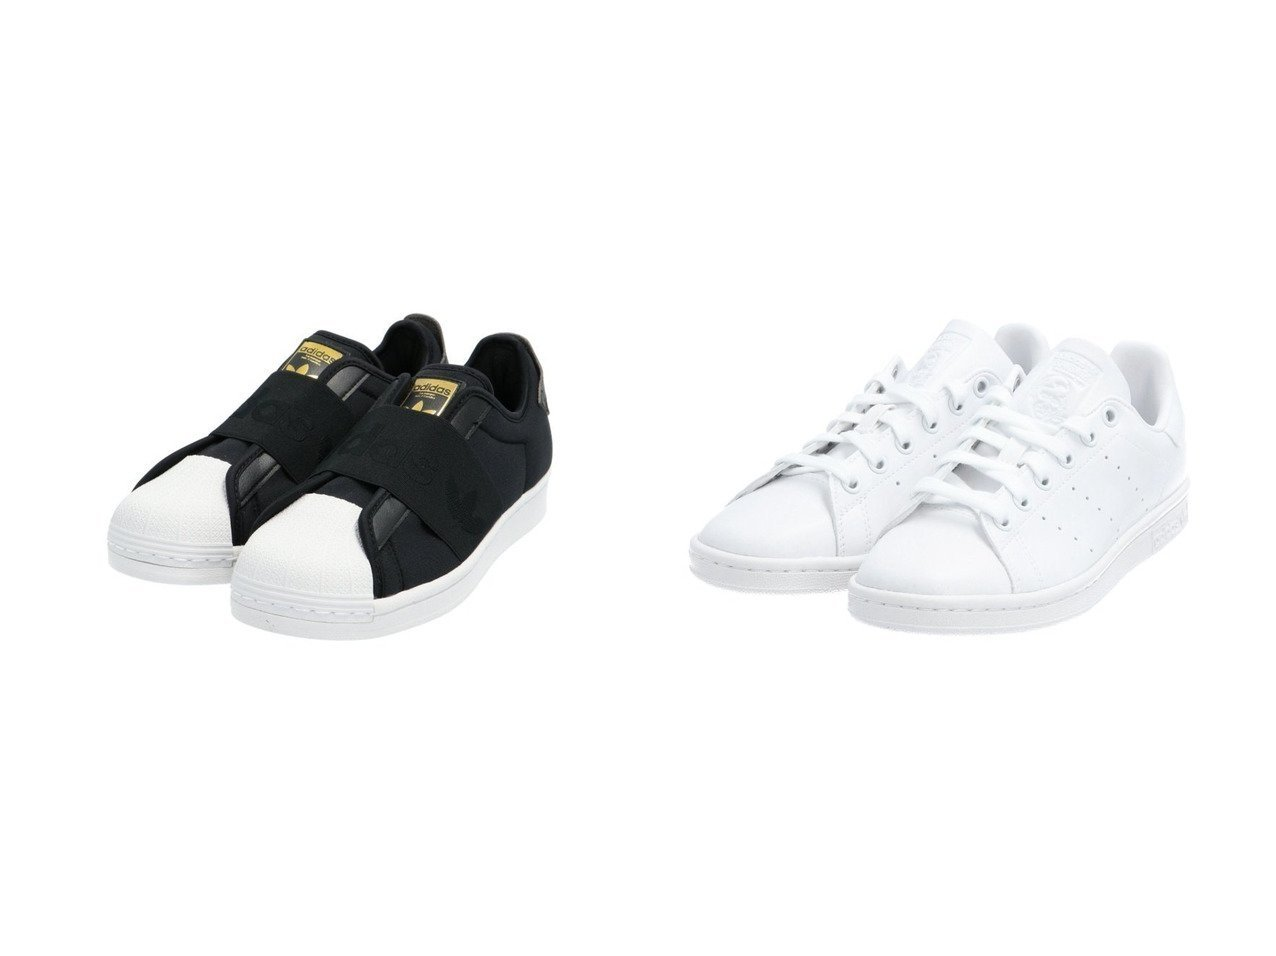 【adidas Originals/アディダス オリジナルス】のスタンスミス STAN SMITH アディダスオリジナルス&SS スリッポン SST SLIP ON アディダスオリジナルス adidasのおすすめ!人気、トレンド・レディースファッションの通販  おすすめで人気の流行・トレンド、ファッションの通販商品 メンズファッション・キッズファッション・インテリア・家具・レディースファッション・服の通販 founy(ファニー) https://founy.com/ ファッション Fashion レディースファッション WOMEN S/S 春夏 SS Spring/Summer シューズ スタイリッシュ スニーカー スリッポン 再入荷 Restock/Back in Stock/Re Arrival 定番 Standard クラシック フィット レギュラー |ID:crp329100000020207